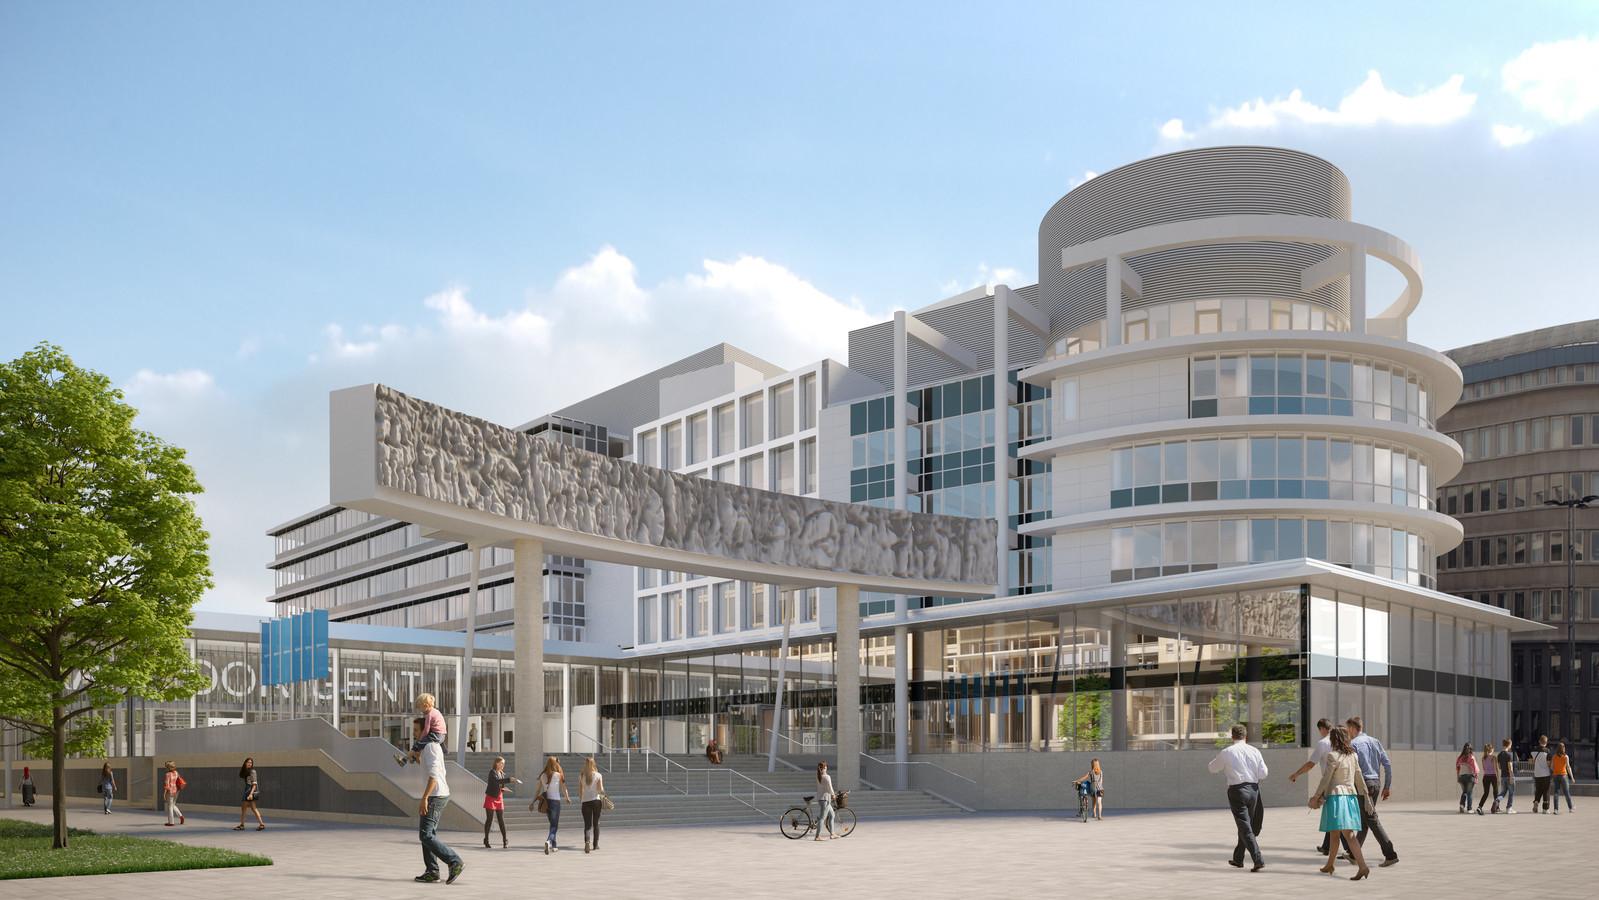 Het Administratief Centrum aan de Zuid, zoals het er in de toekomst uit zal zien.